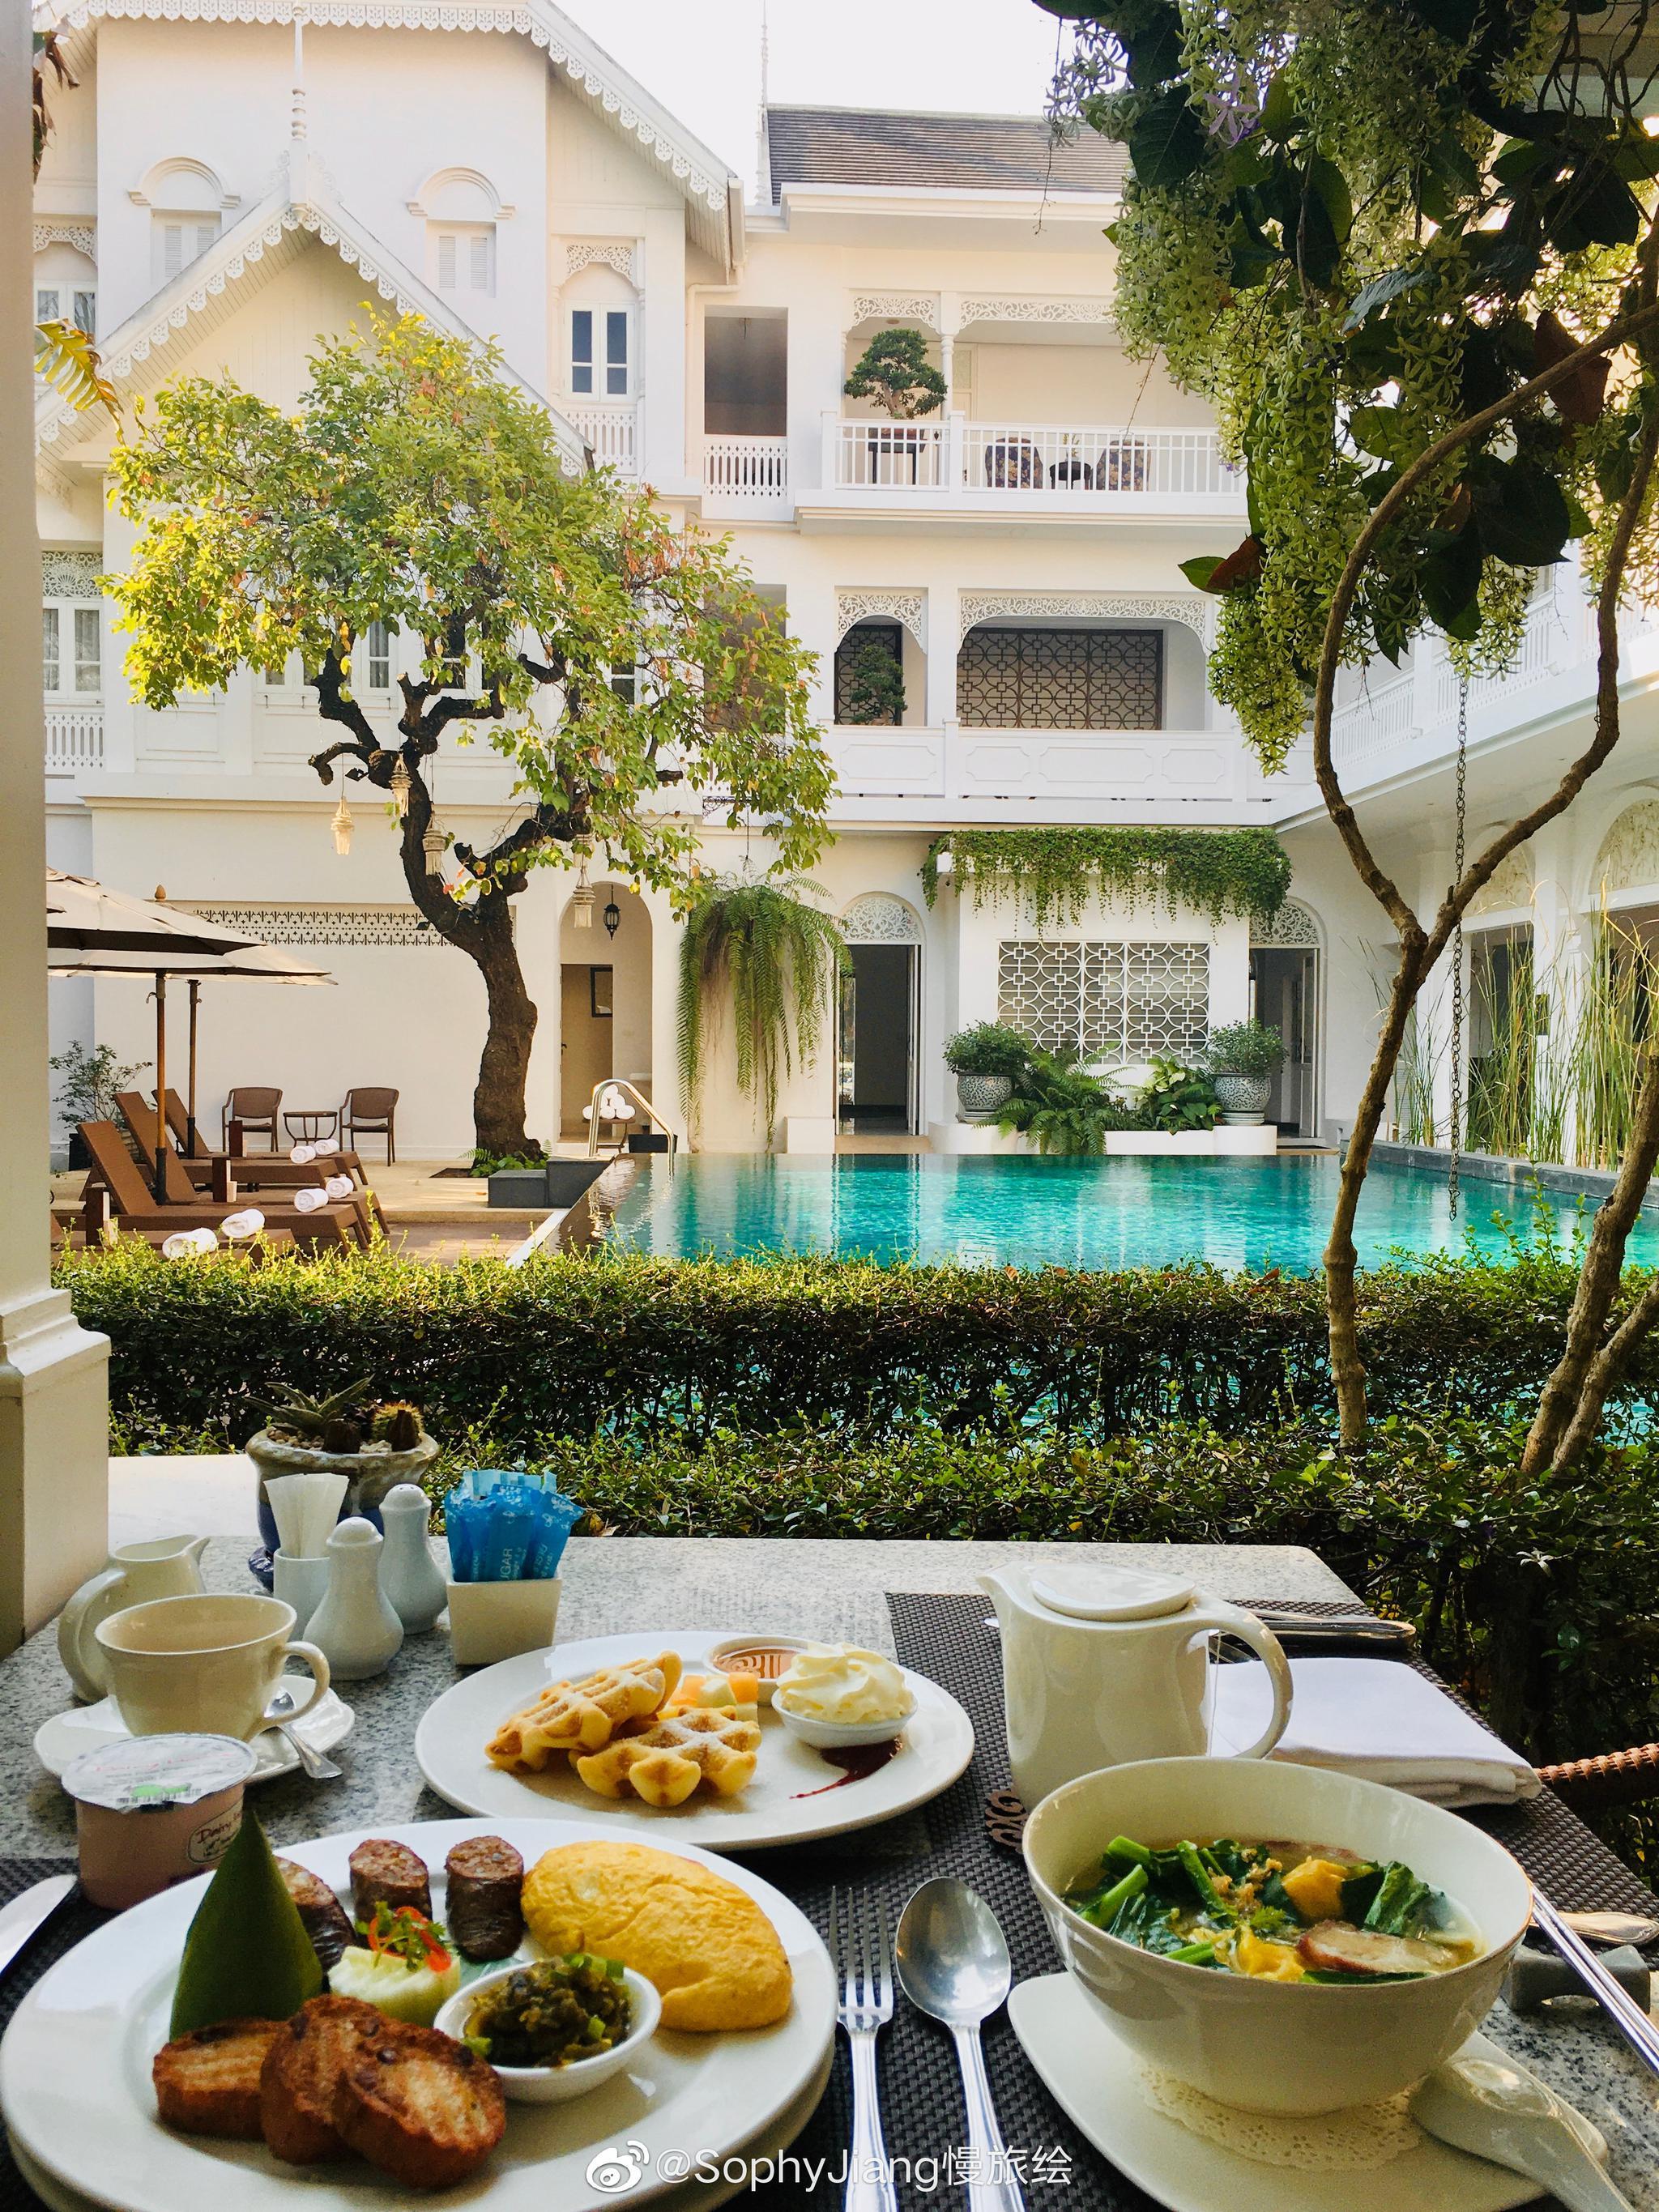 一袭米白色的法式殖民风情,酒店看起来中型规模